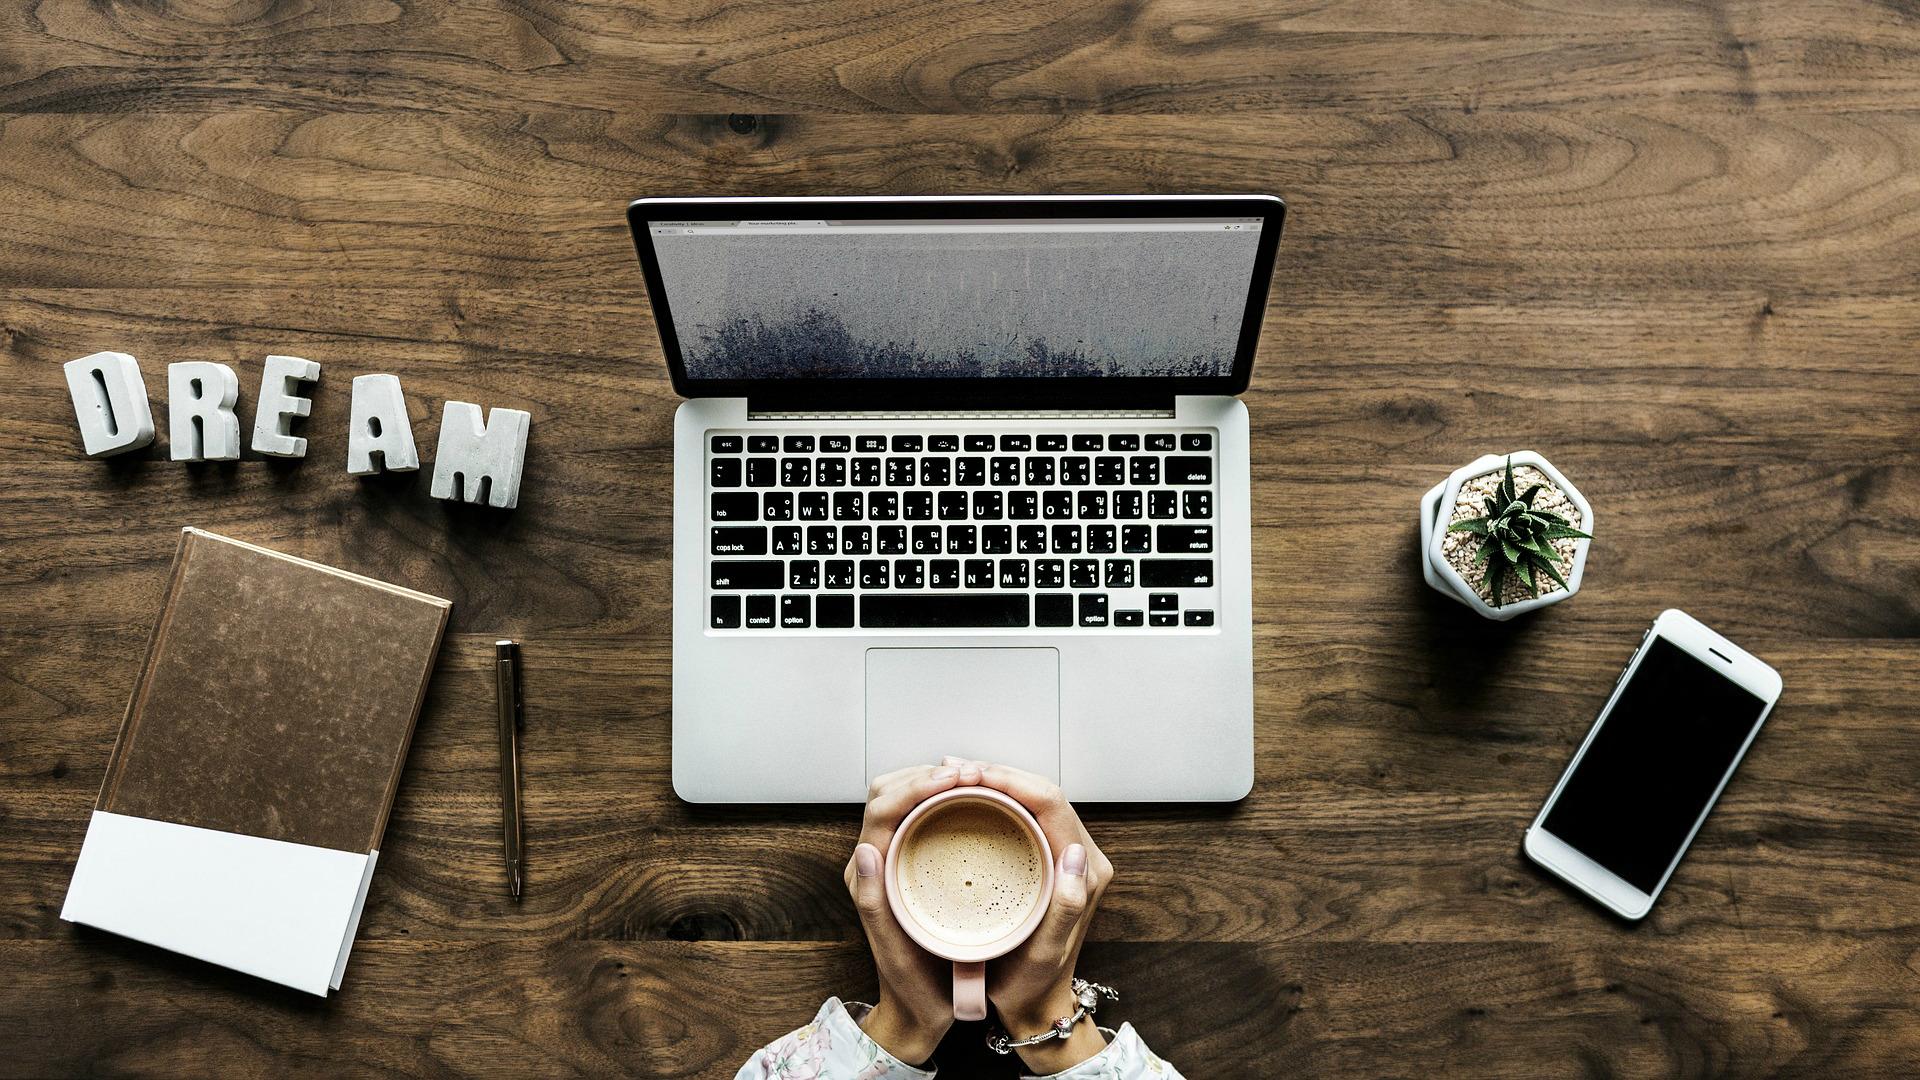 darbs internetā, sēžot mājās bez ieguldījumiem)